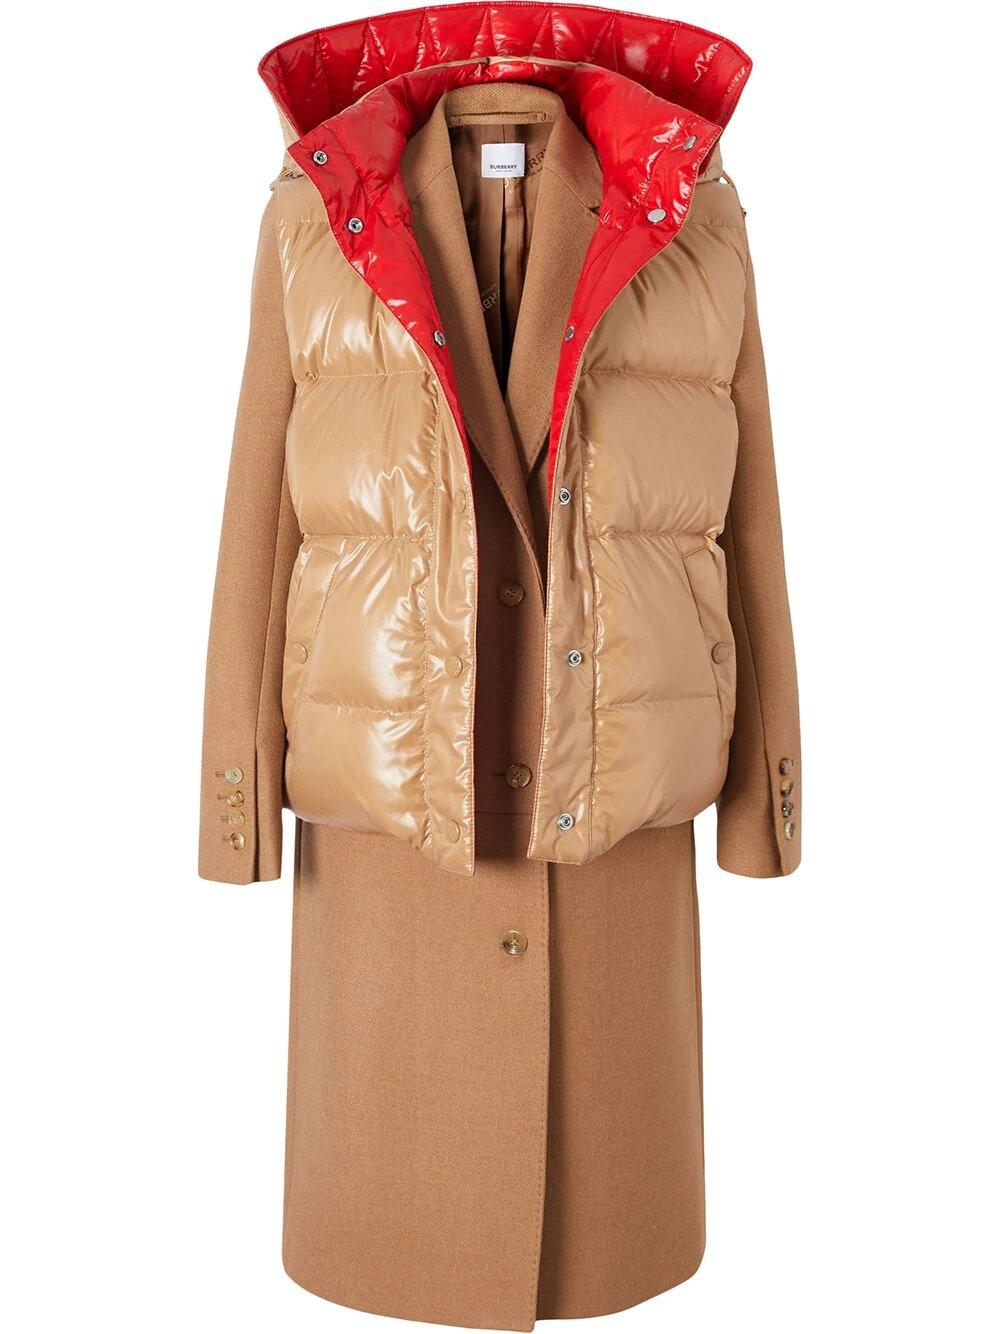 Burberry, Рaneled coat 11575лв, 5786лв